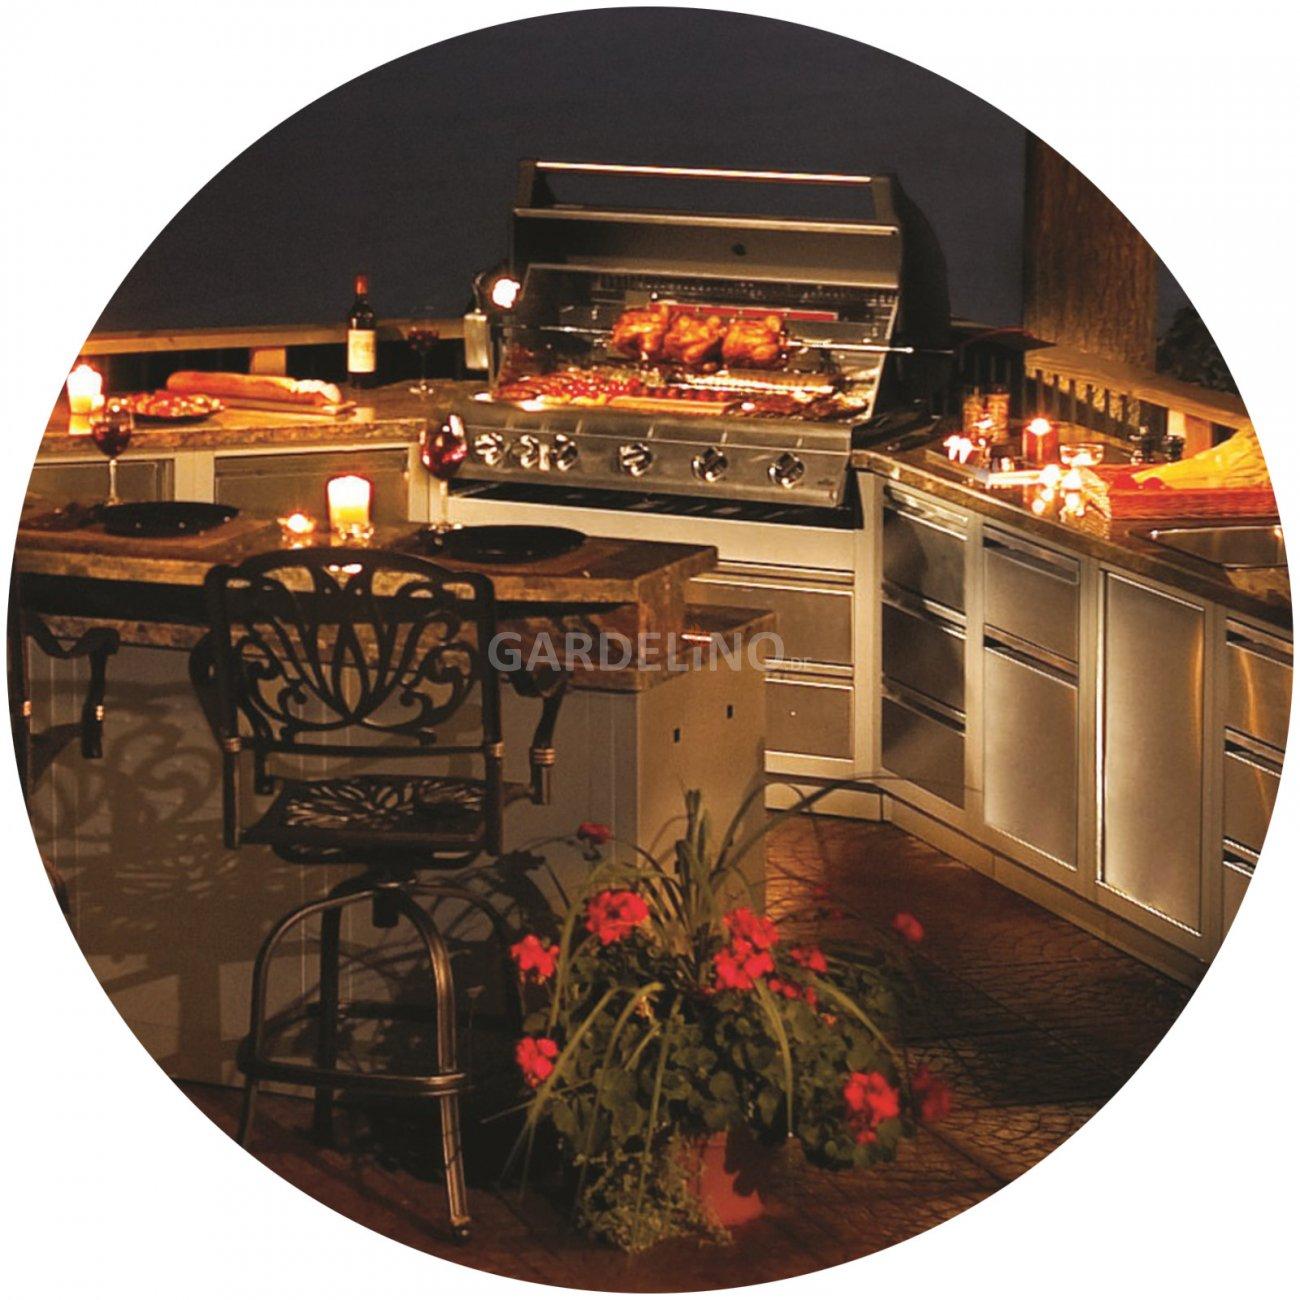 outdoorküche planen | expertentipps auf gardelino.de - Grillkamin Bauen Diese Tipps Werden Sie Bei Der Planung Unterstutzen